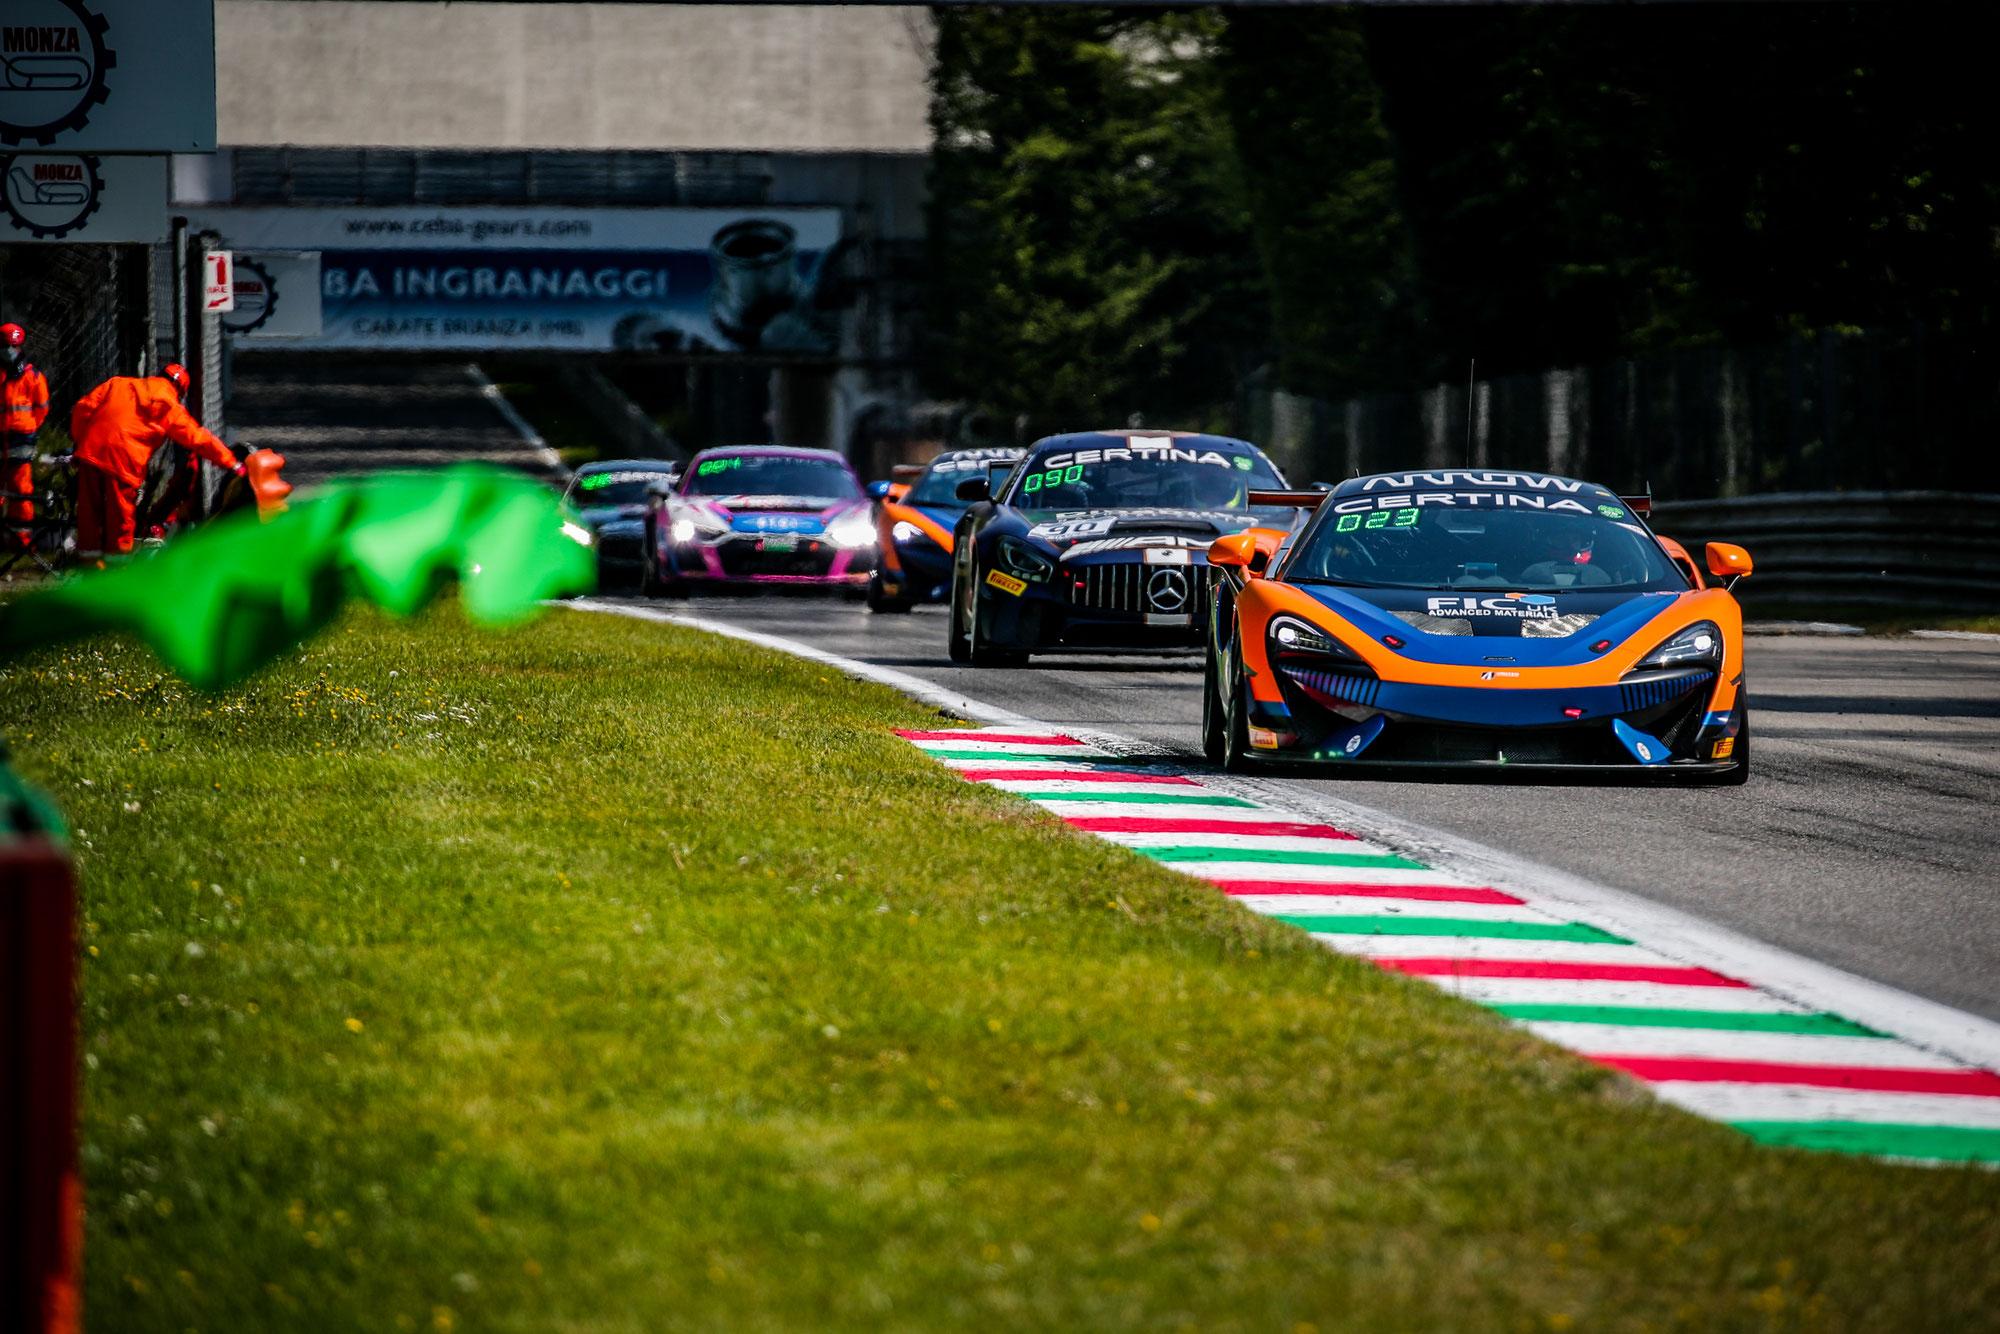 United Autosports McLaren gewinnt in Monza beim Debüt in der GT4 European Series